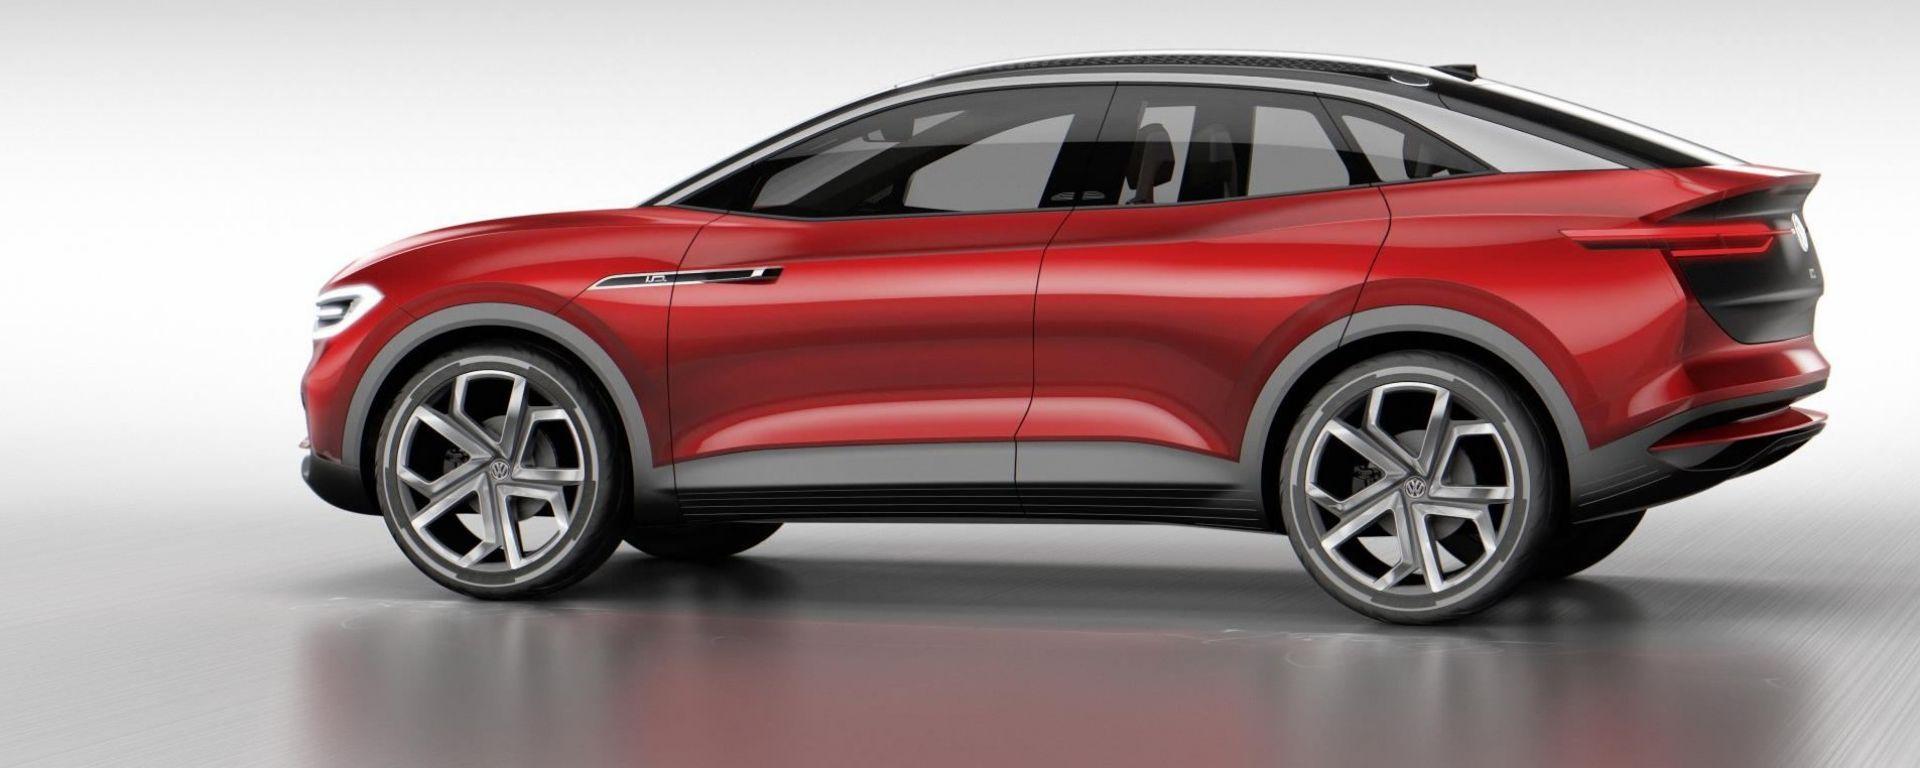 Volkswagen: oltre alla ID Crozz, un terzo SUV elettrico